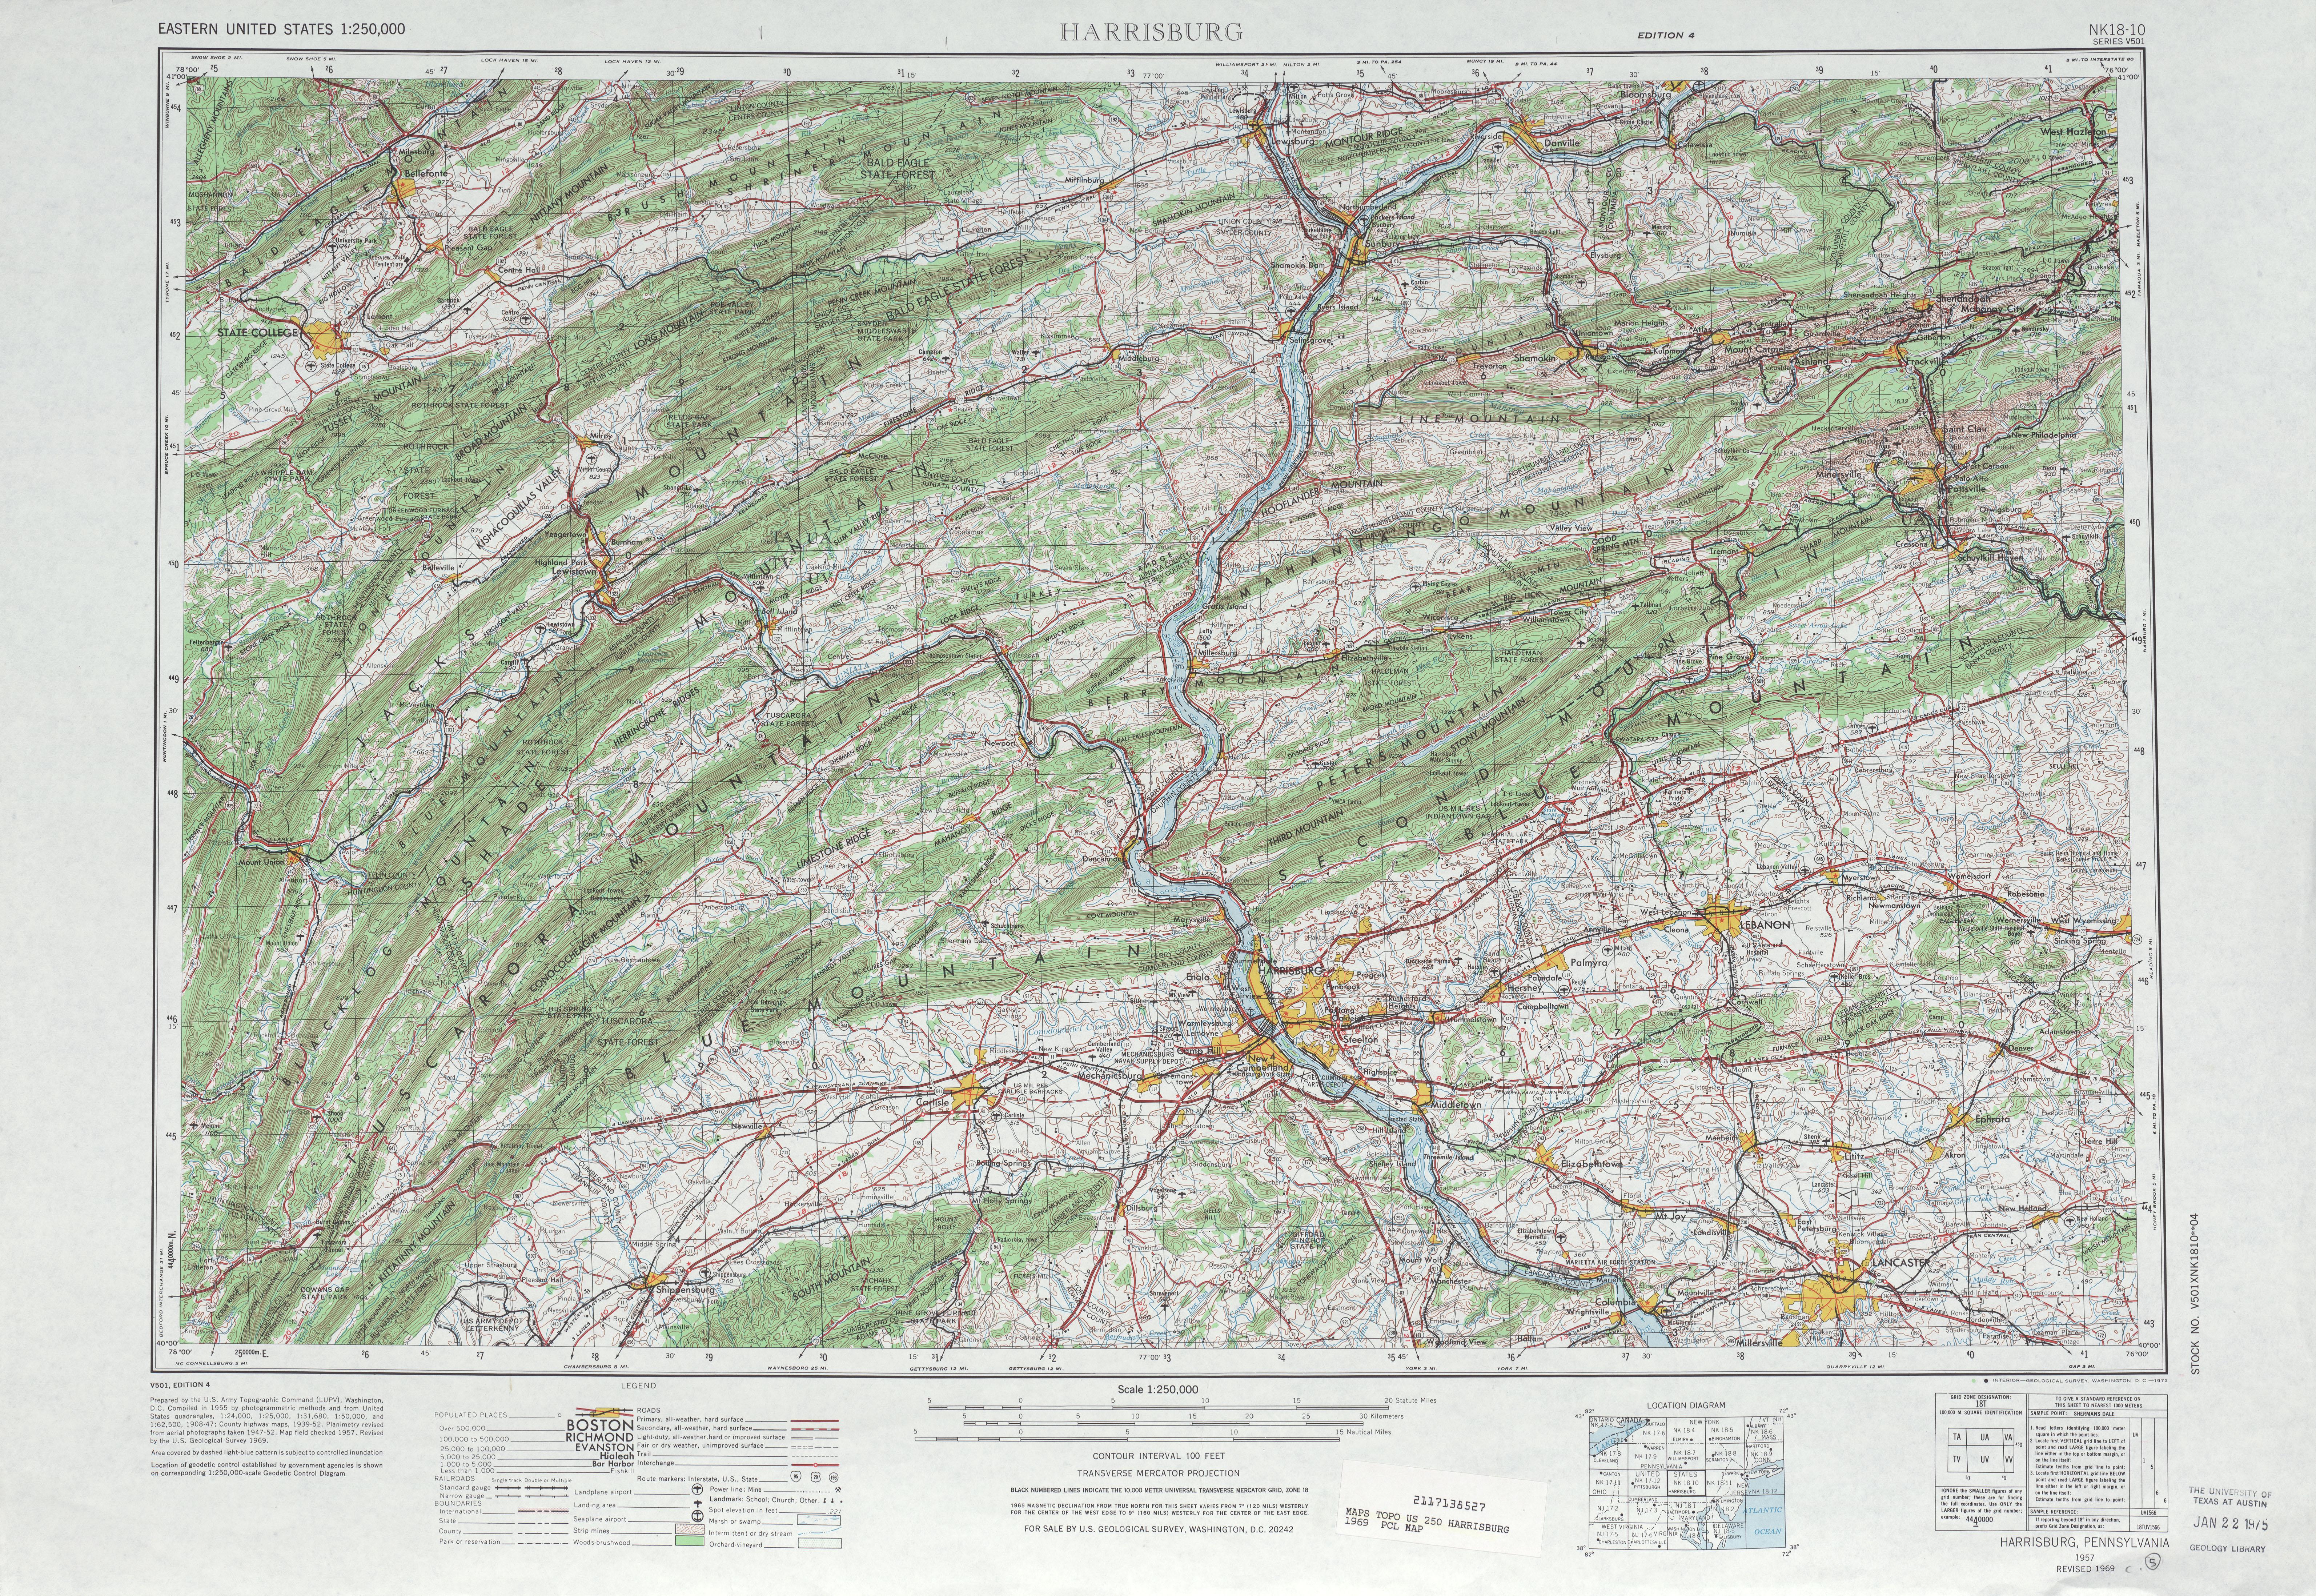 Hoja Harrisburg del Mapa Topográfico de los Estados Unidos 1969